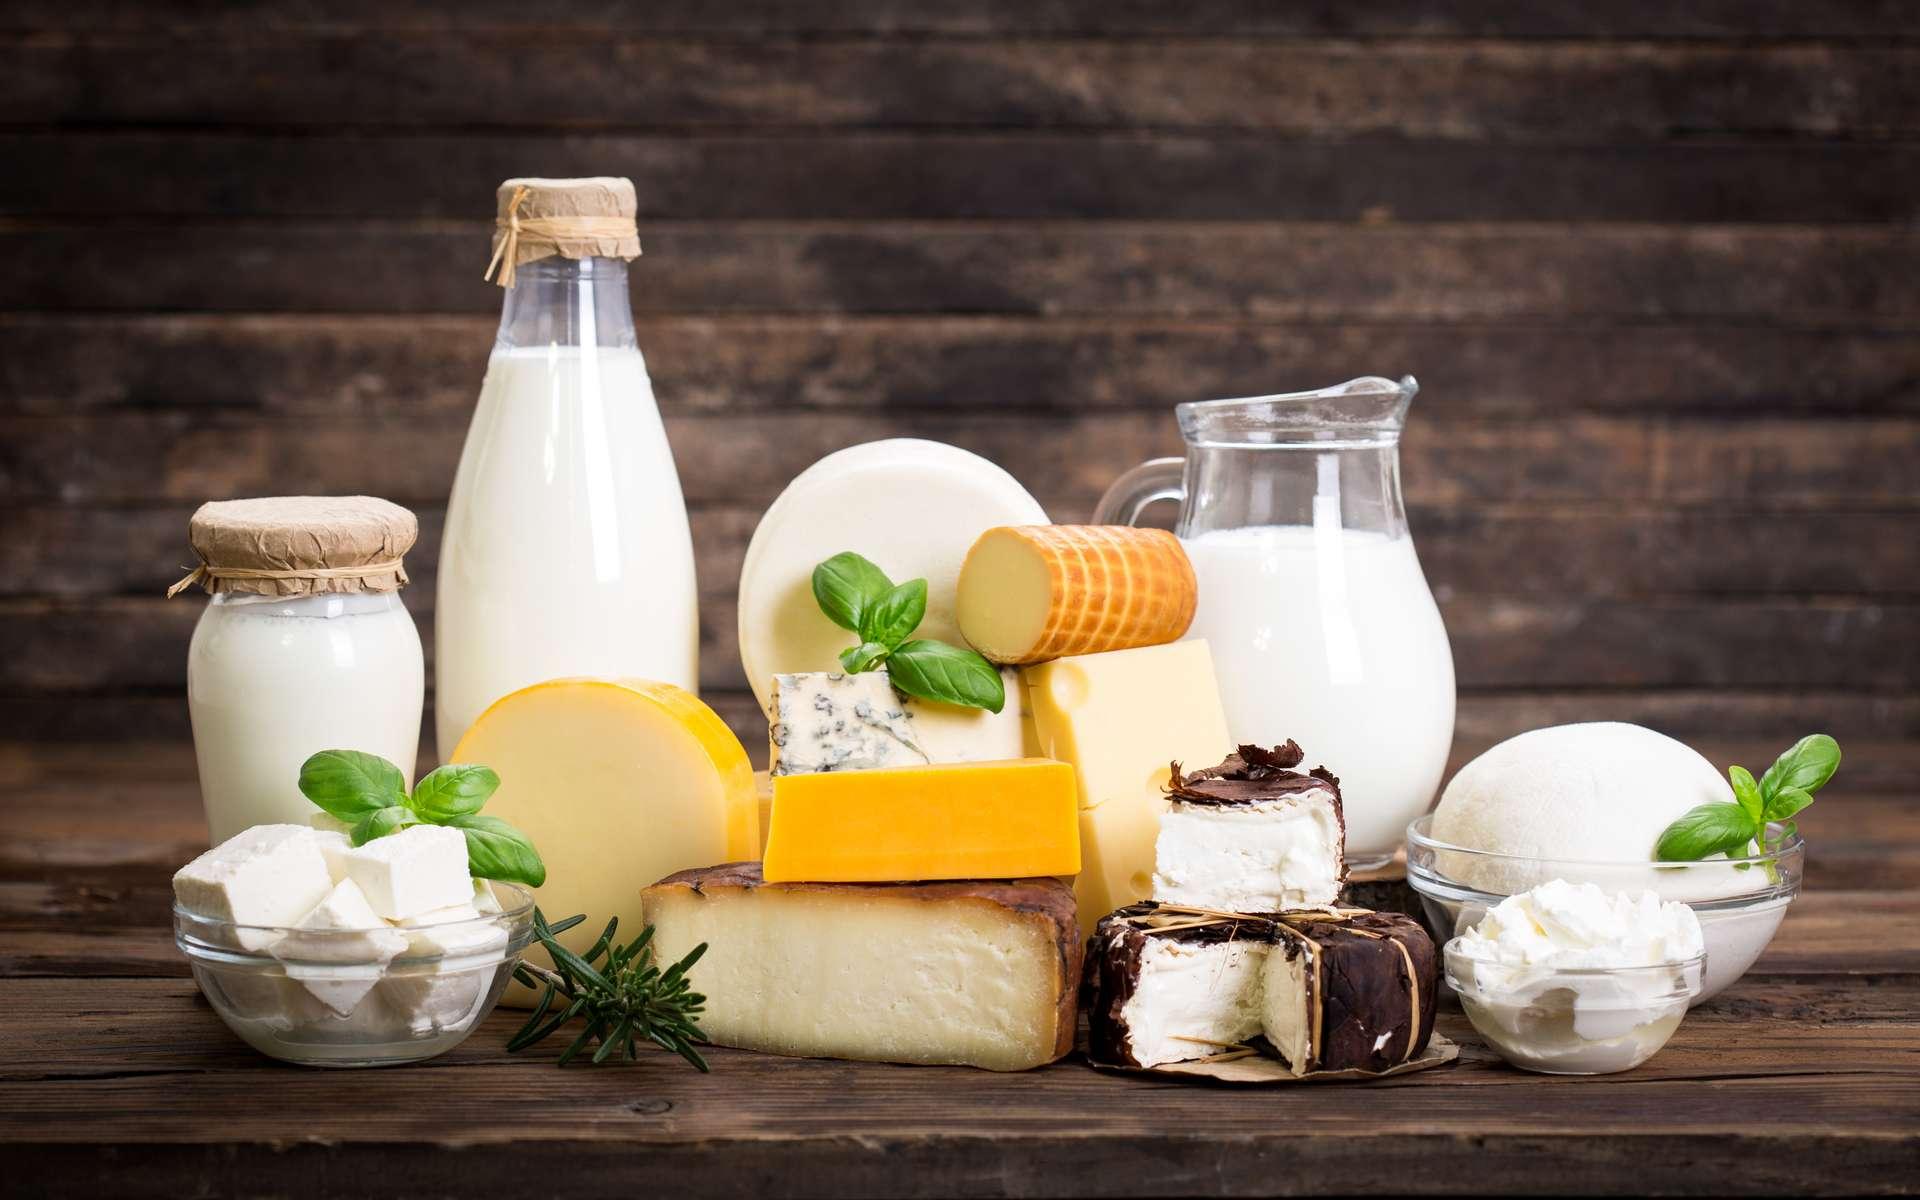 La consommation de produits laitiers est neutre pour la santé. © pilipphoto, Adobe Stock